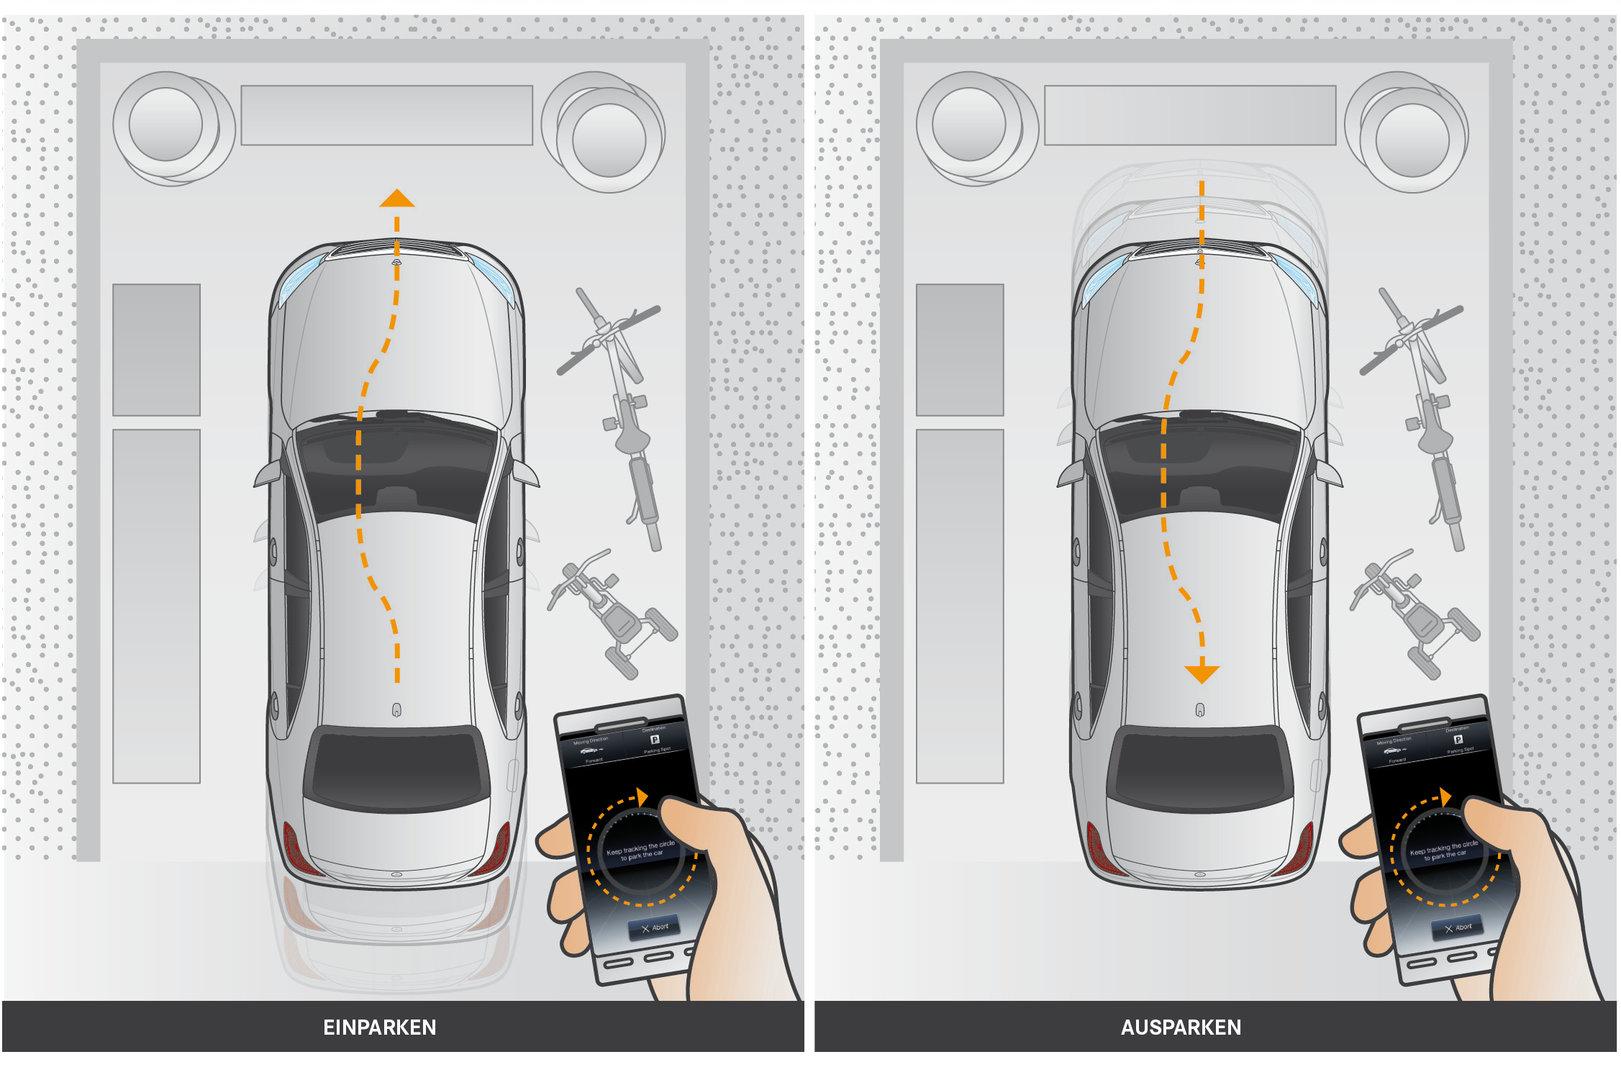 Schaubild für das Parken per Smartphone im Explore-Modus